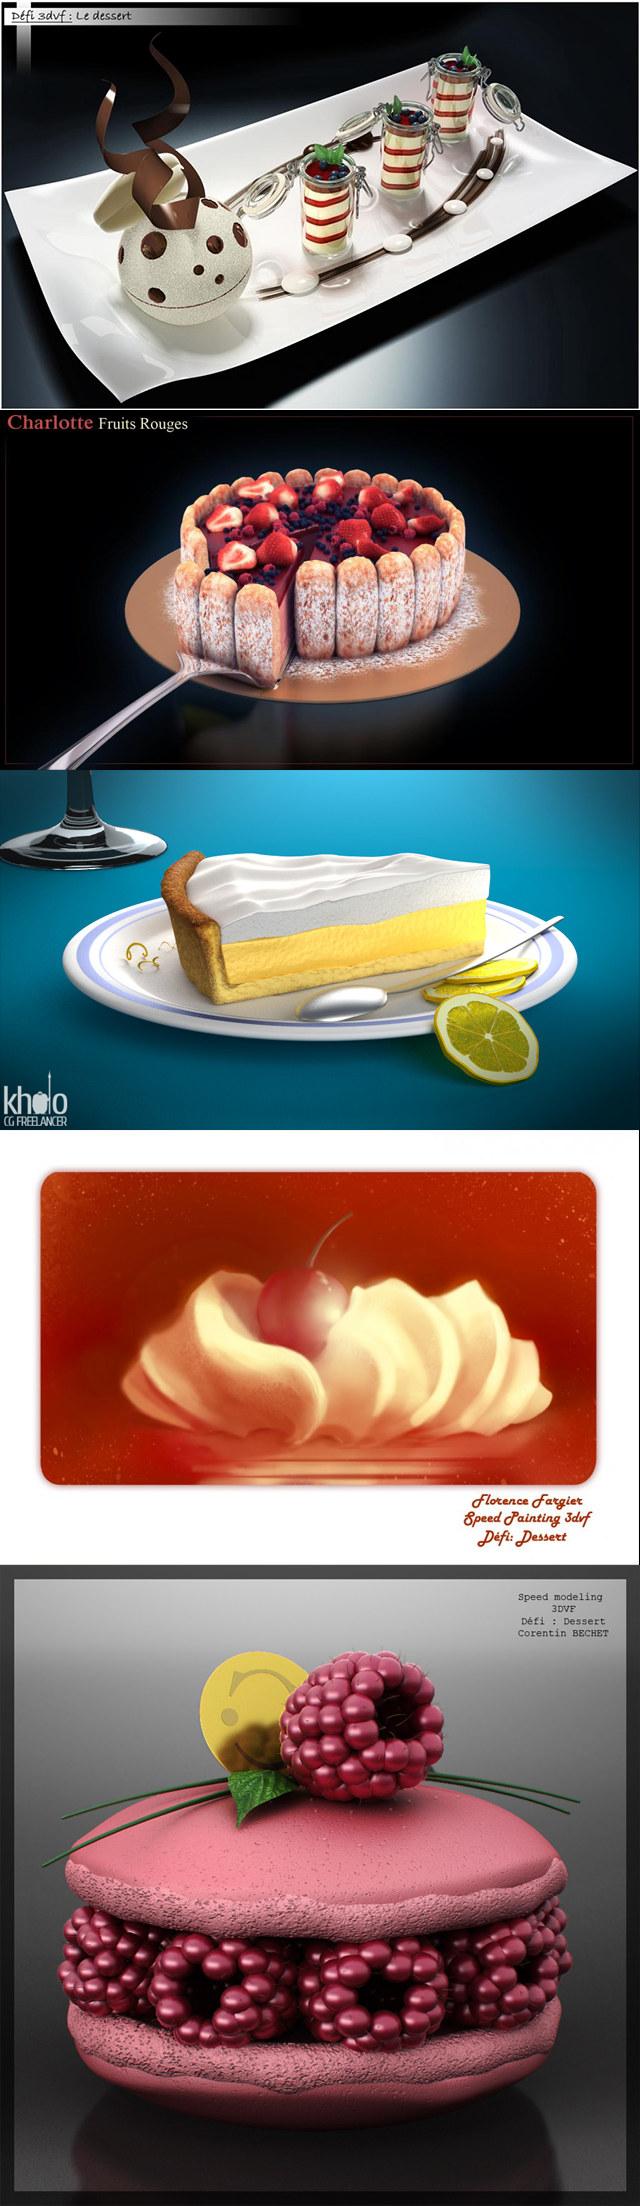 Speed - dessert